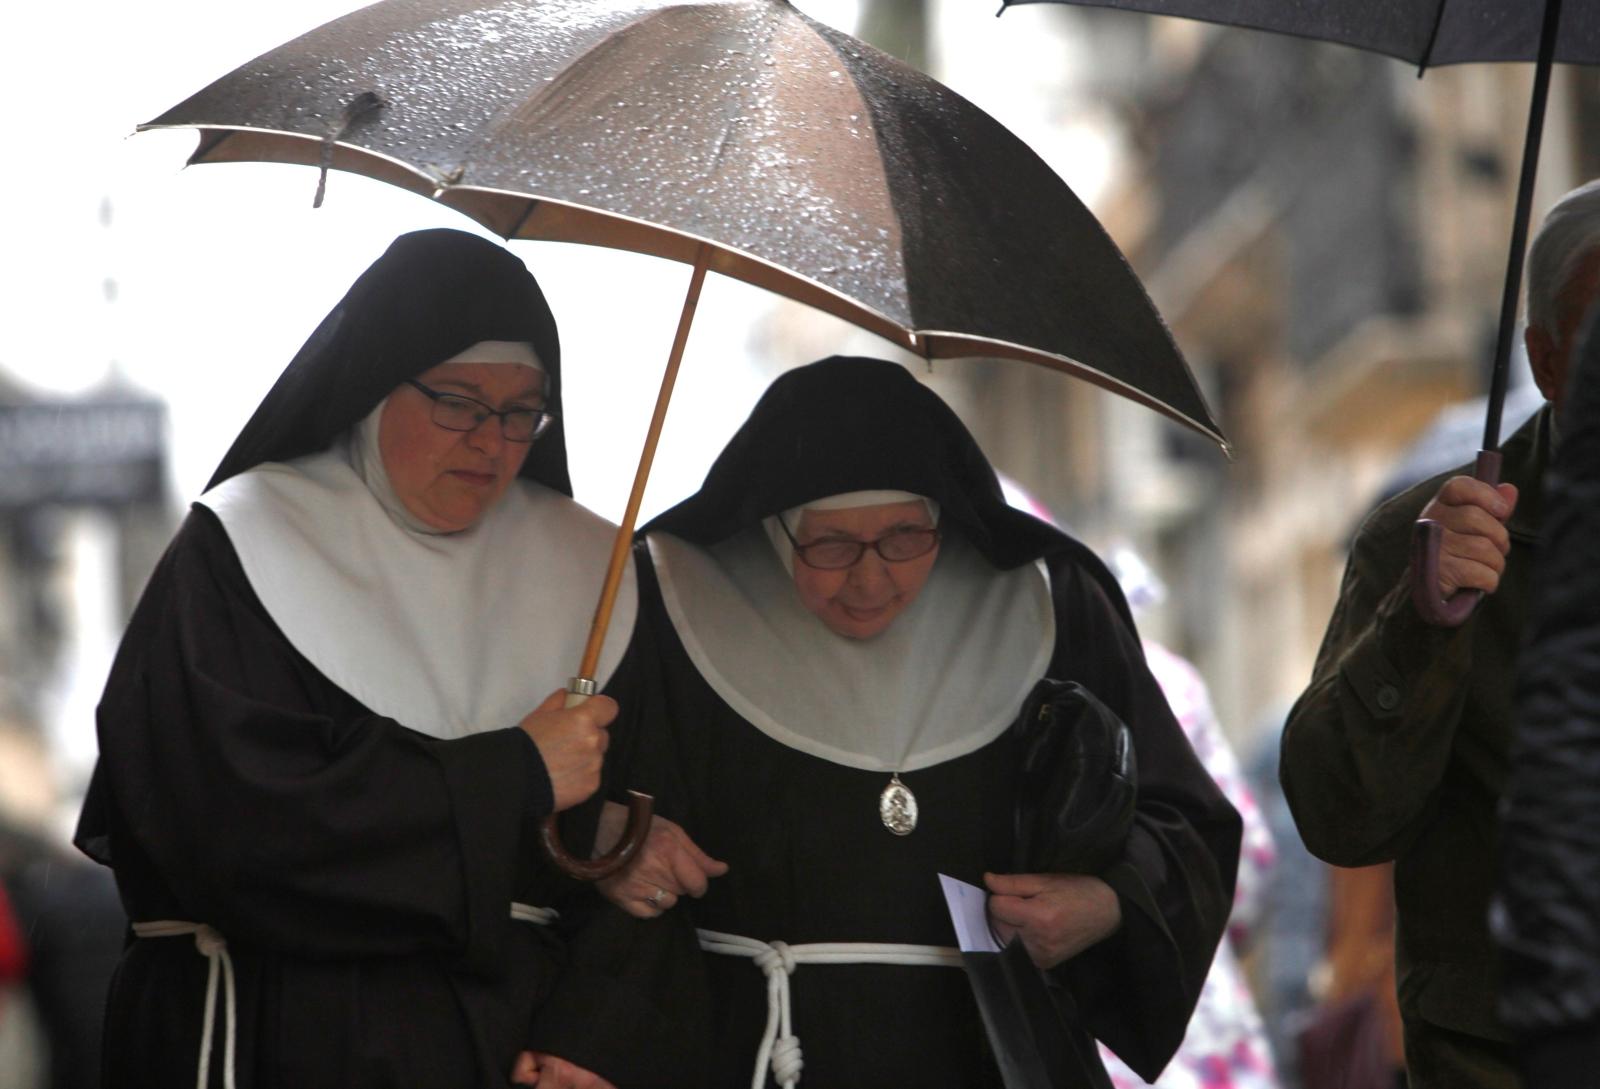 Dwie zakonnice chronią się przed deszczem w A Coruña w Hiszpanii.